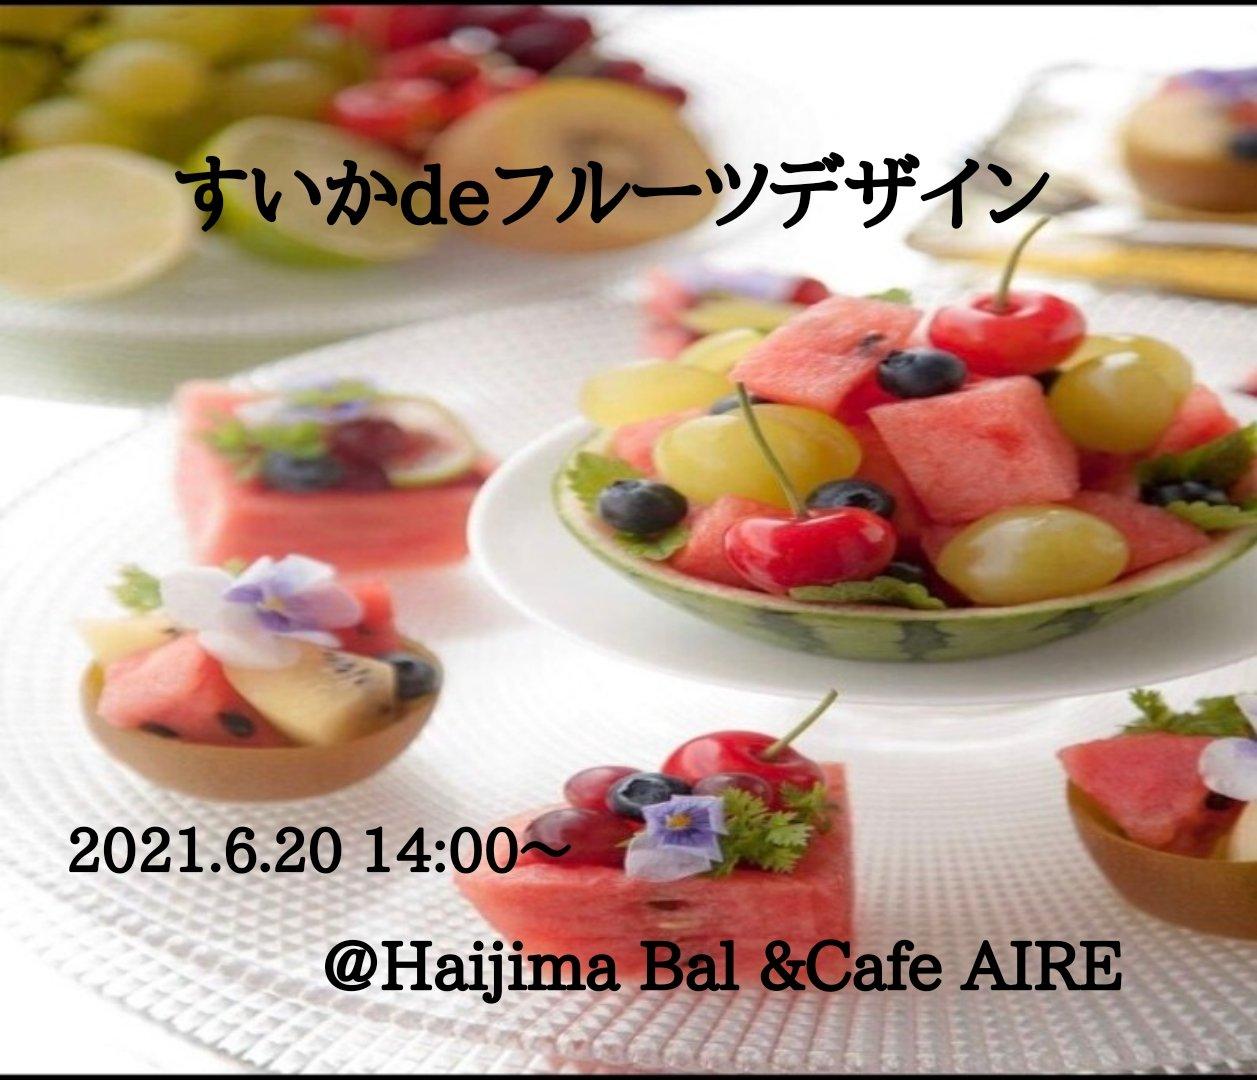 【イベント】6/20すいかdeフルーツデザインのイメージその1